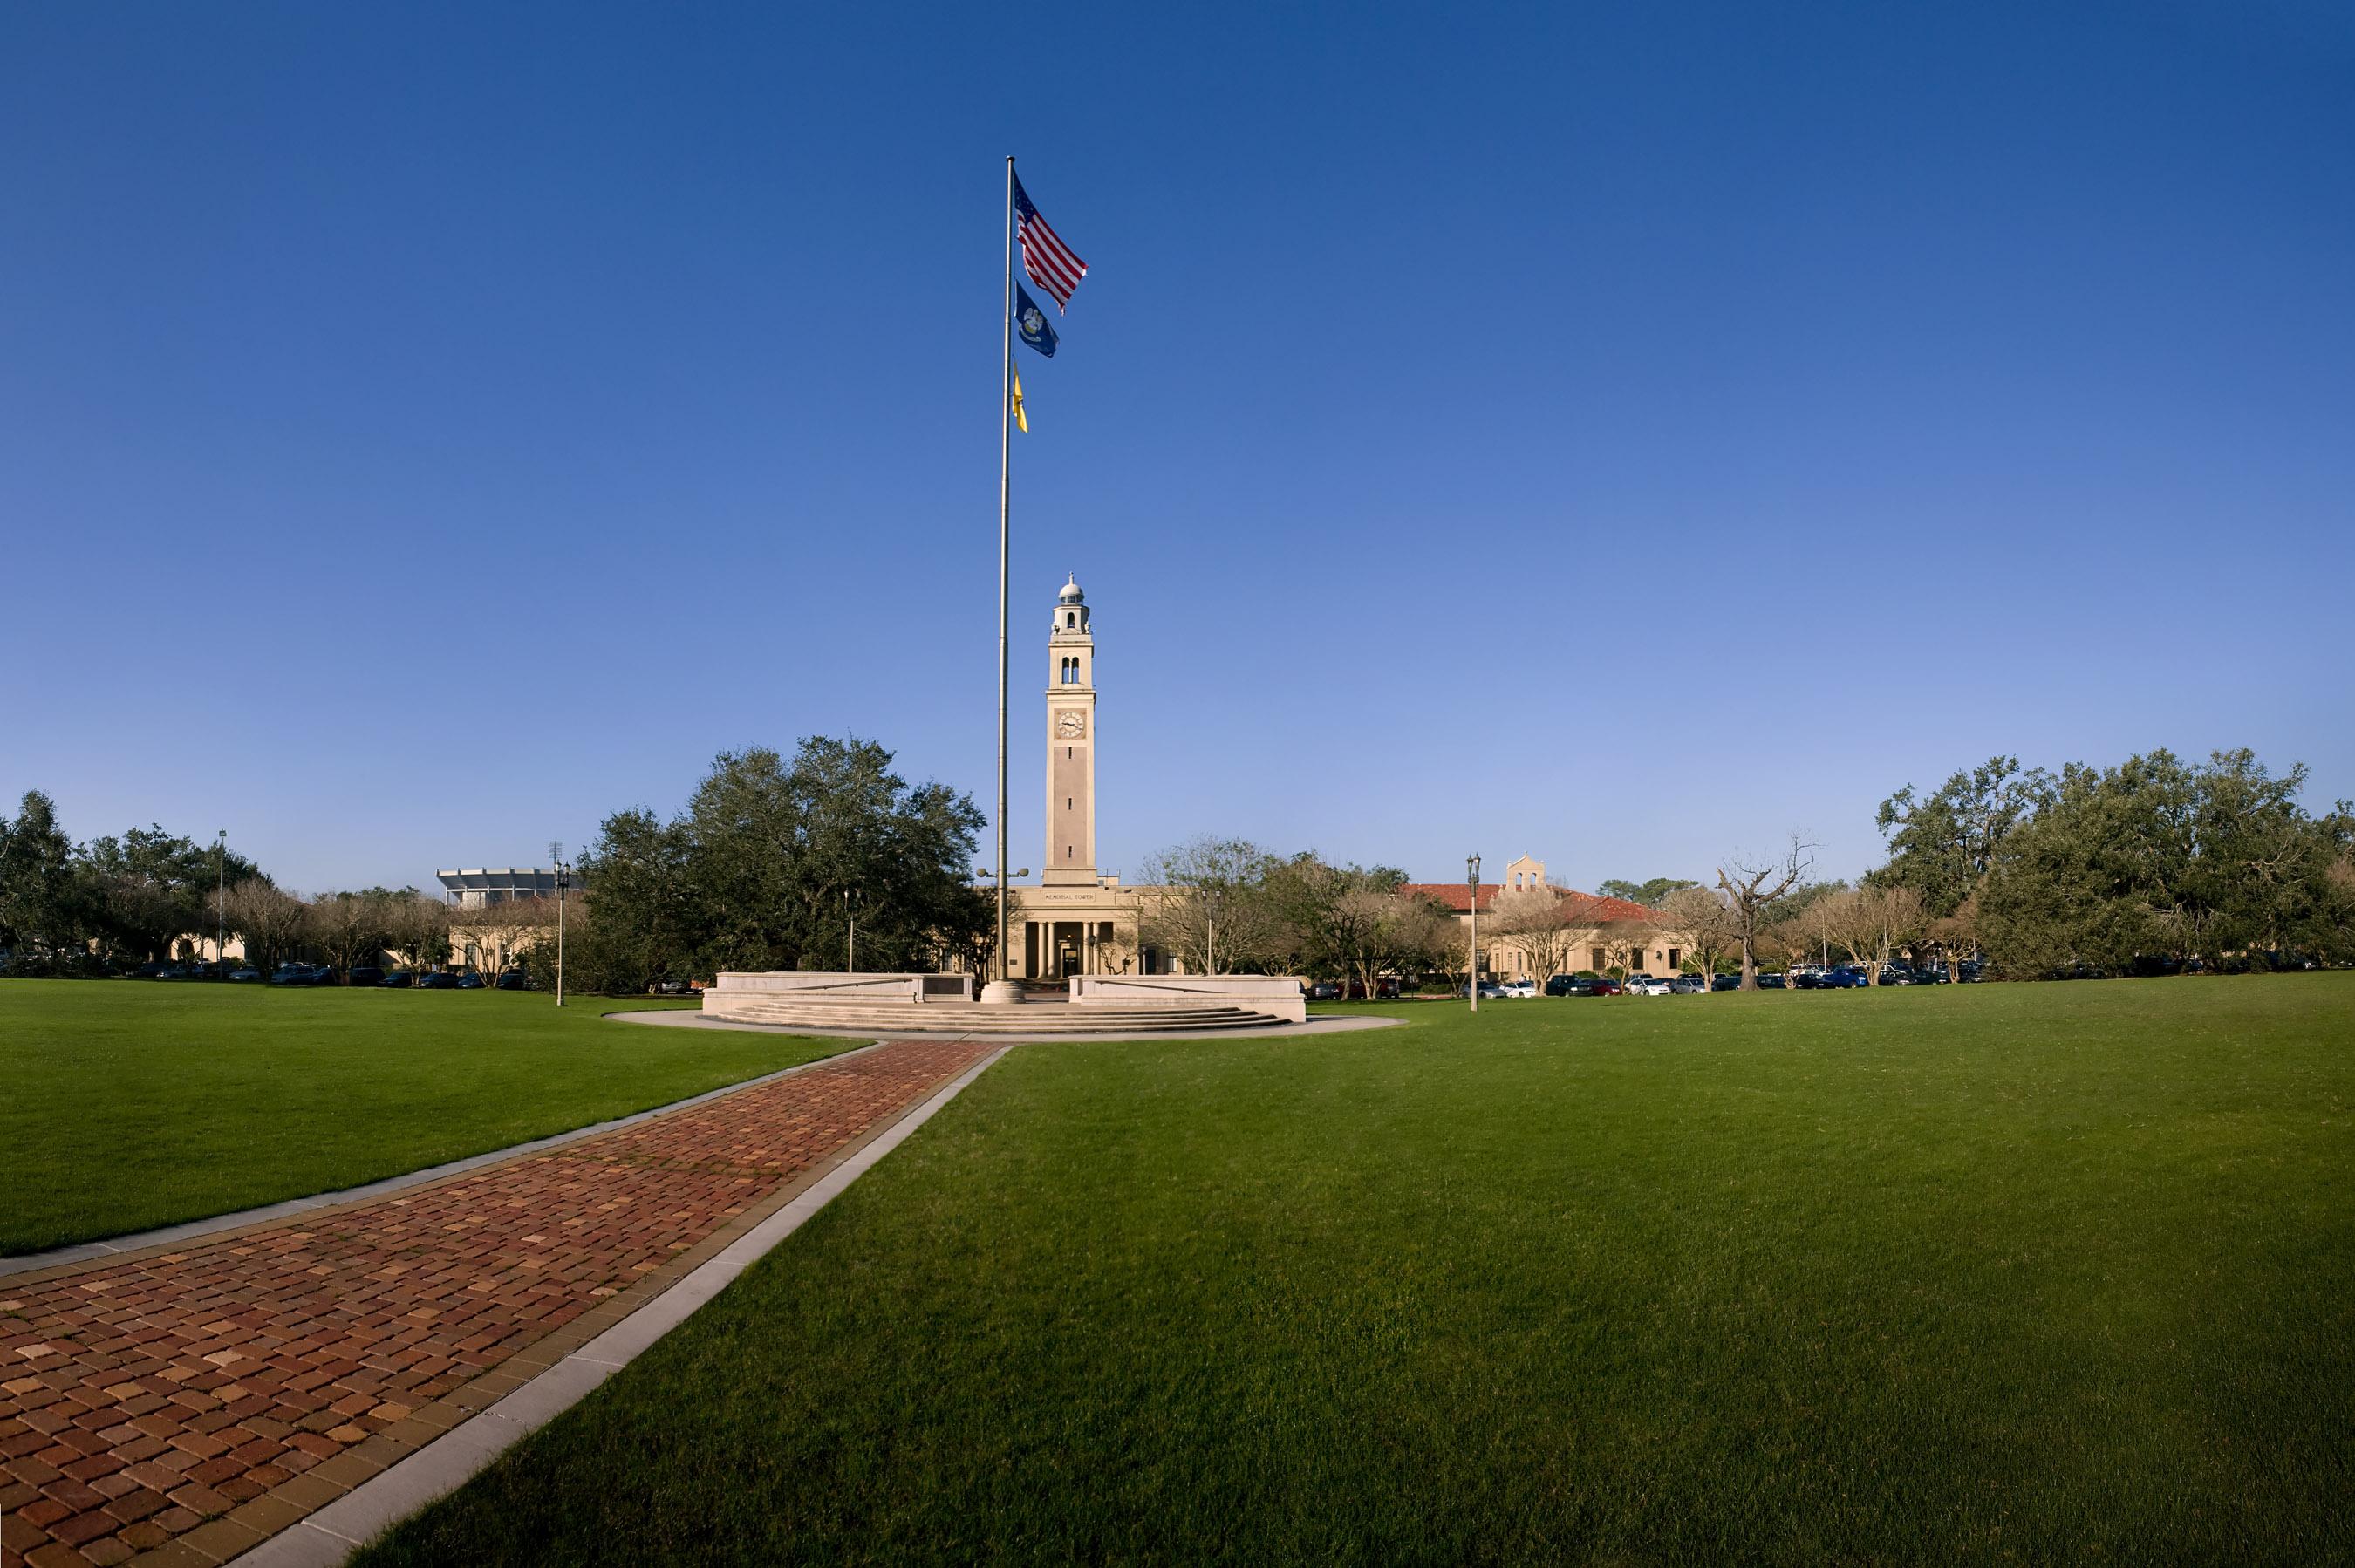 LSU Parade Ground